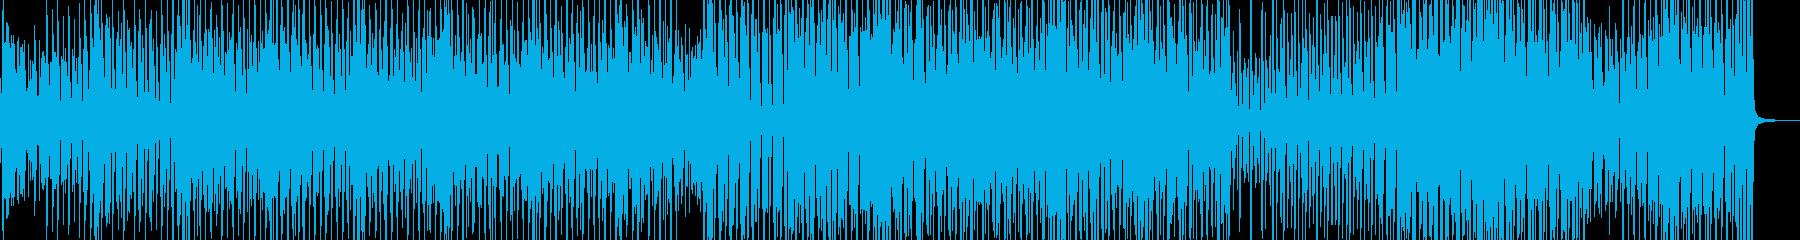 セクシーでアクの強いリズム・テクノ A2の再生済みの波形